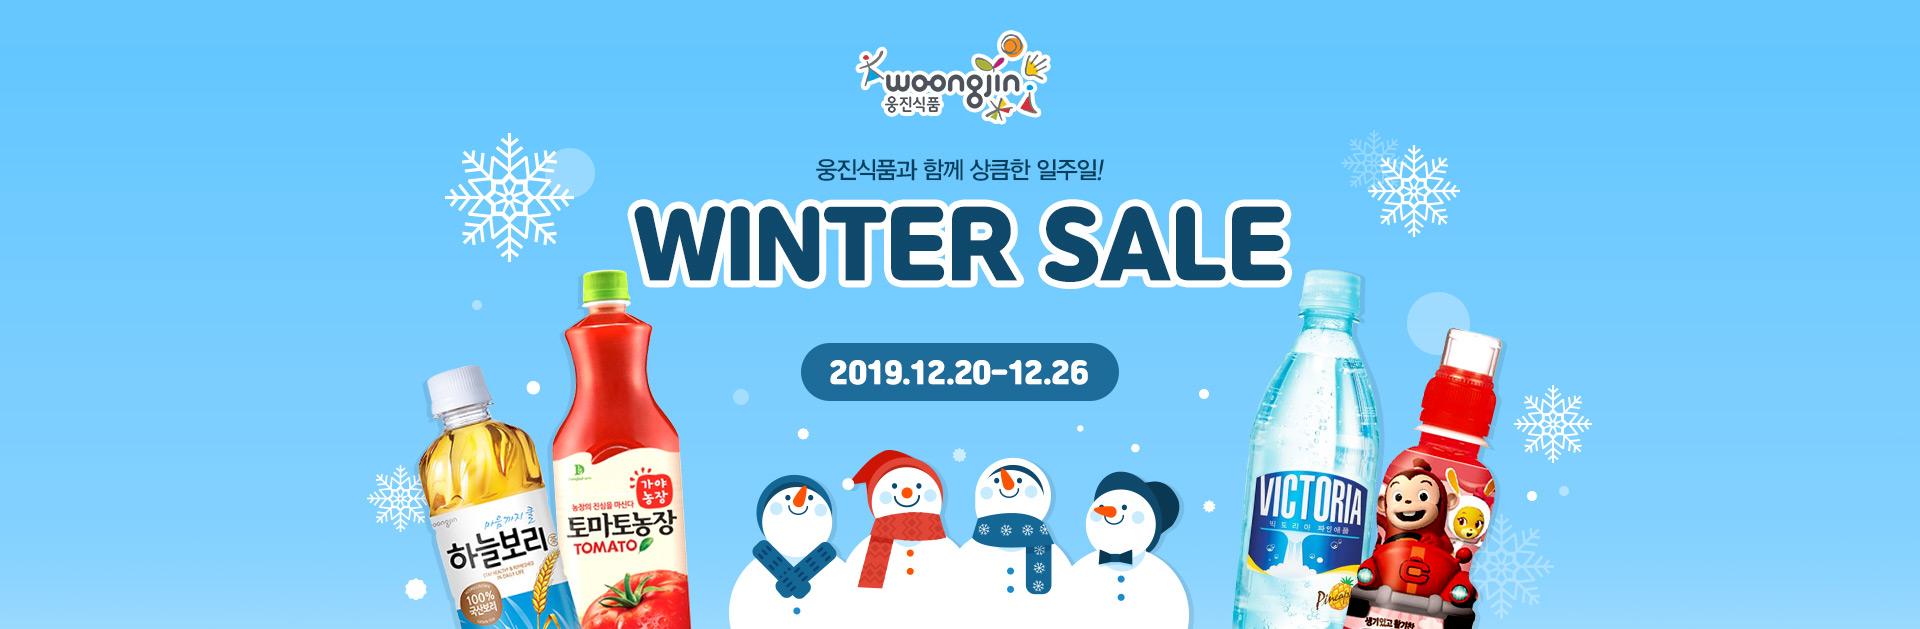 웅진식품과 함께 상큼한 일주일 WINTER SALE 2019.12.20-12.26